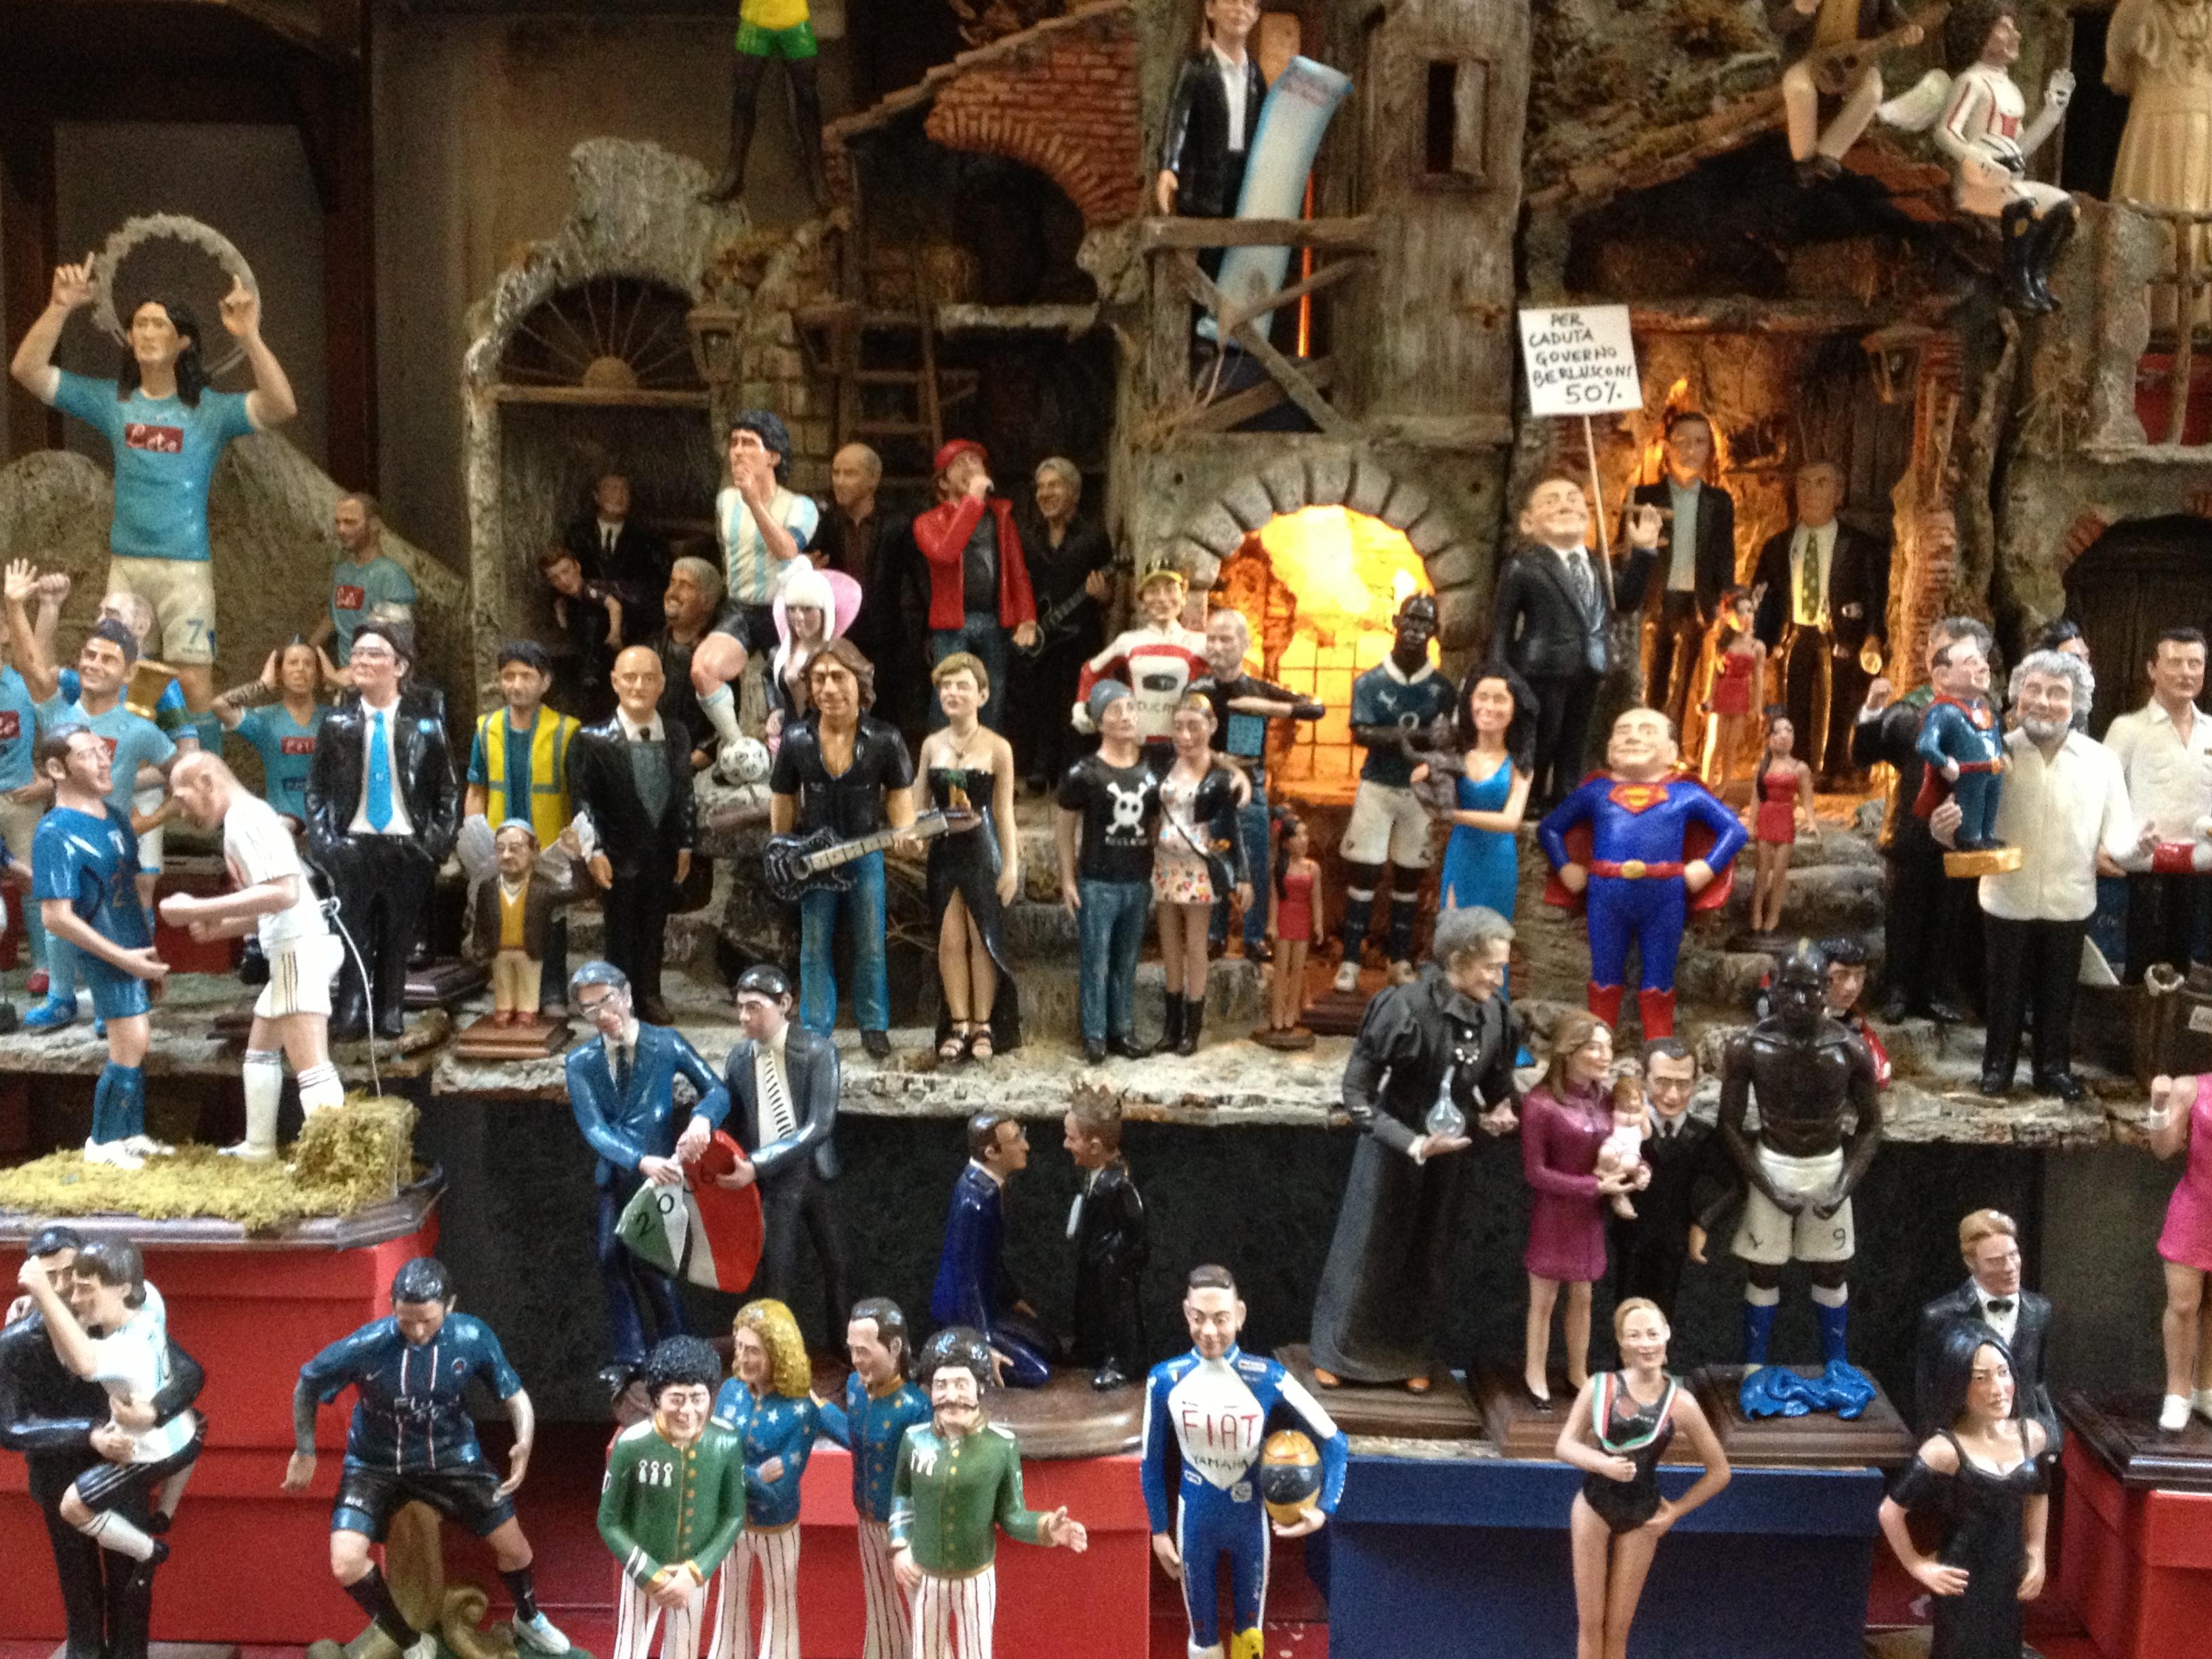 Le statuette dei personaggi famosi in via San Gregorio Armeno